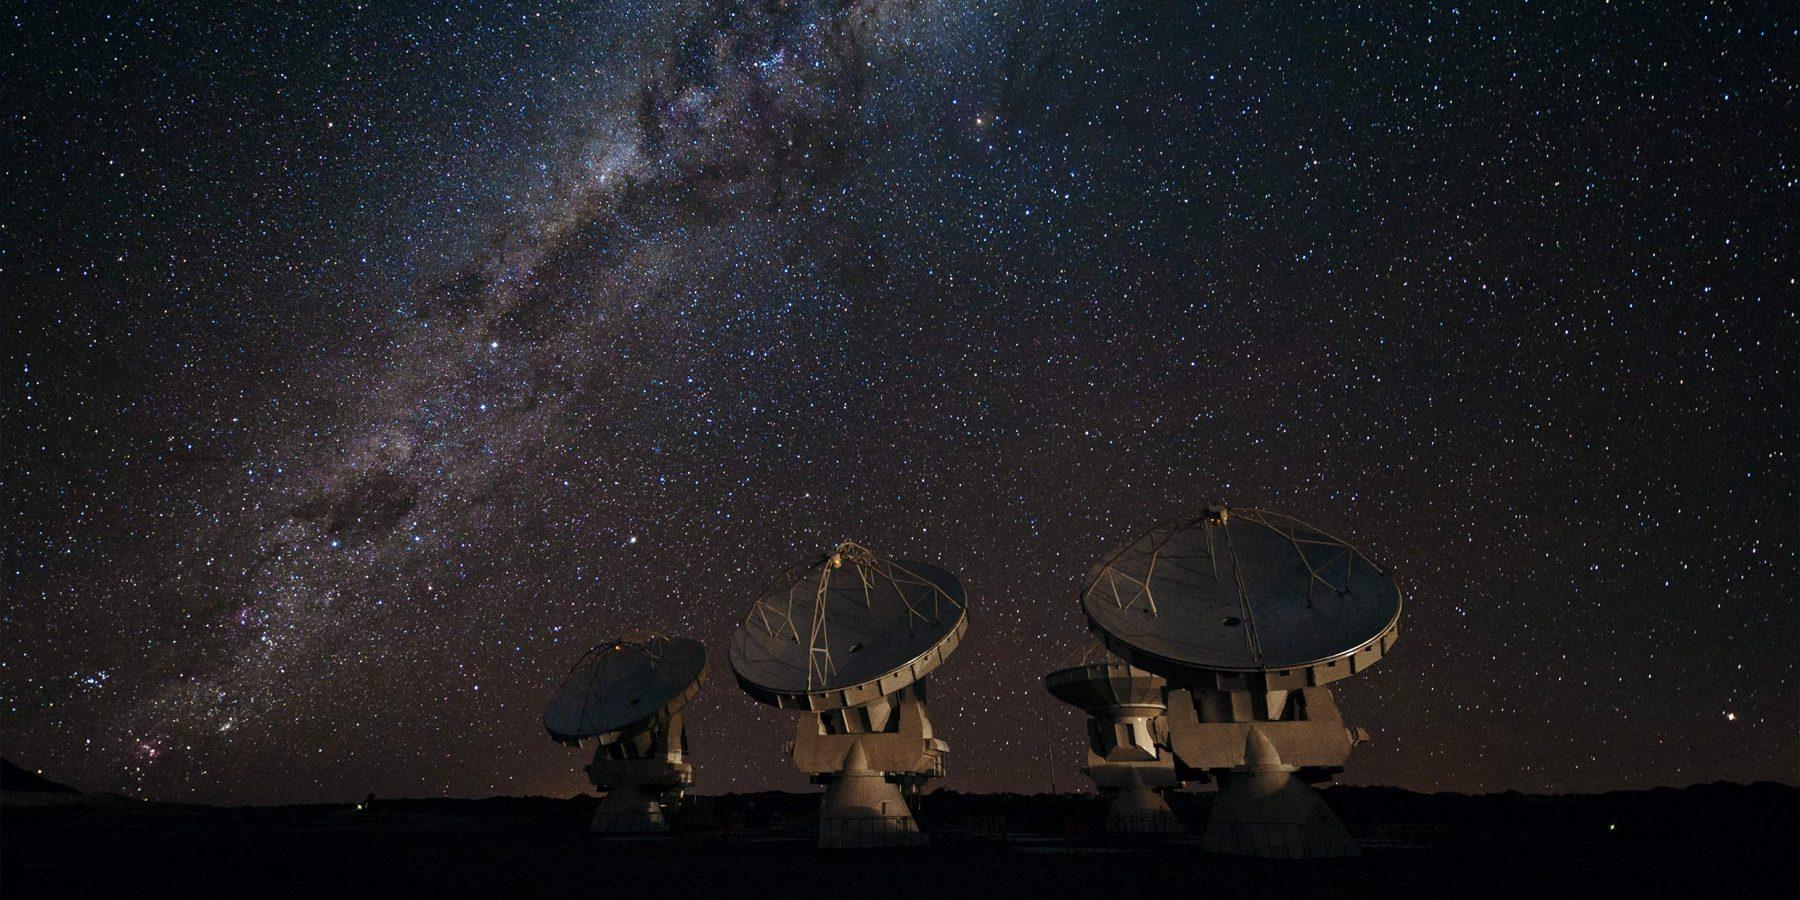 アルマ望遠鏡とは